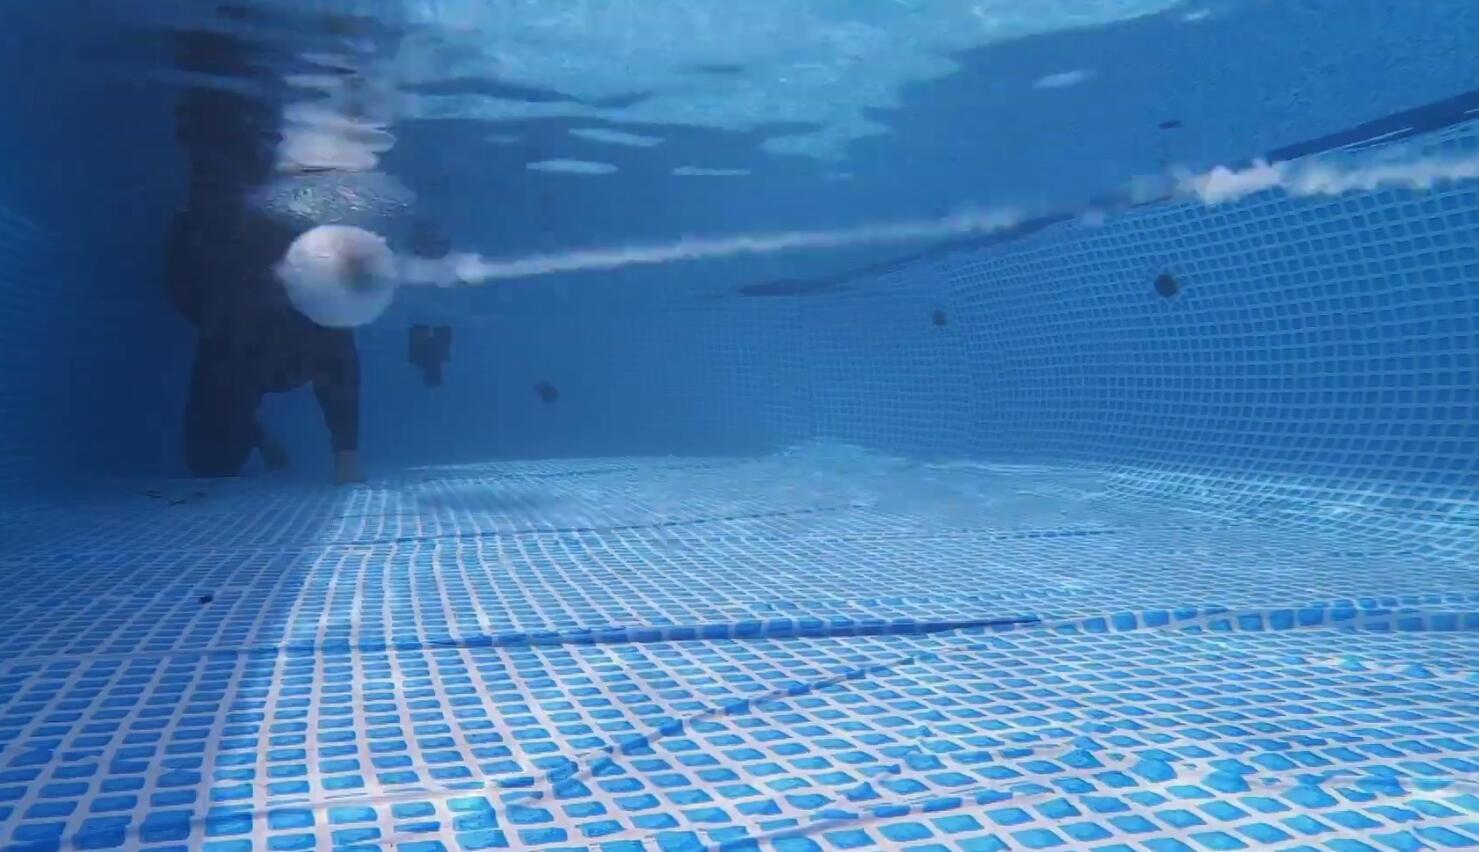 美湖北快三app娱乐—官方网址22270.COM测试超空泡水下子弹可从水底击沉敌方船只